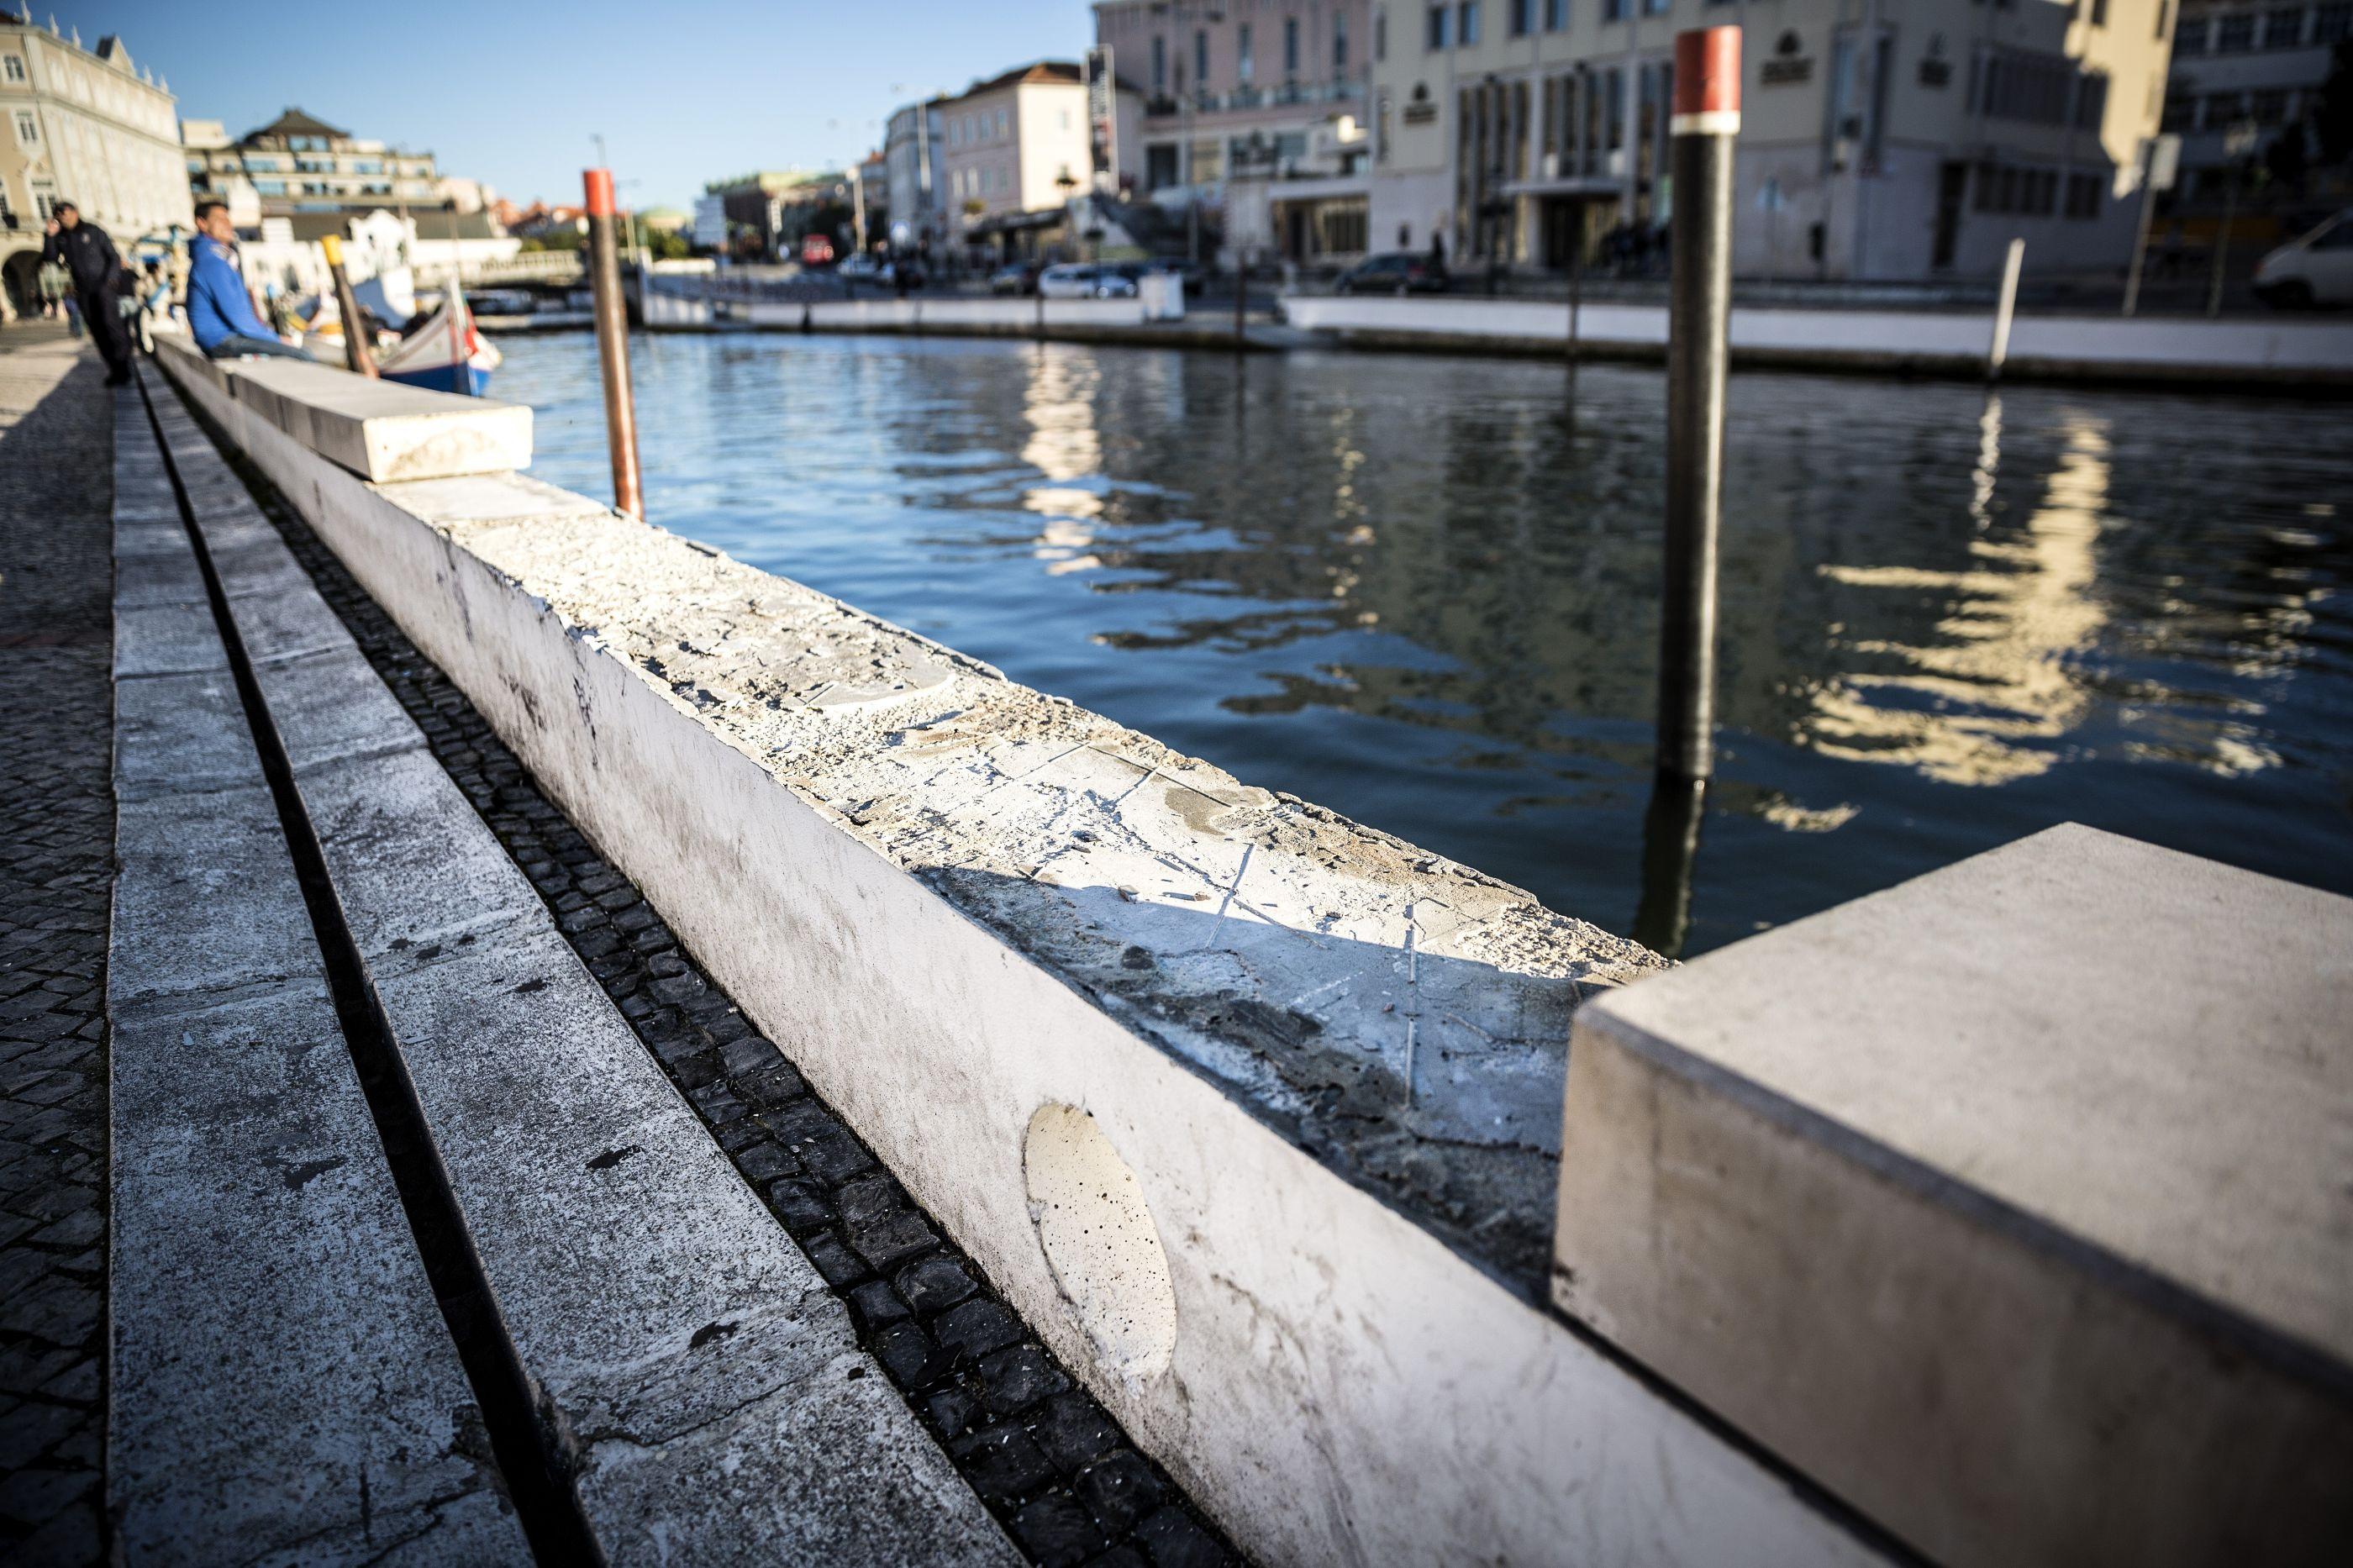 GNR identifica empresa por descarga de resíduos na ria de Aveiro